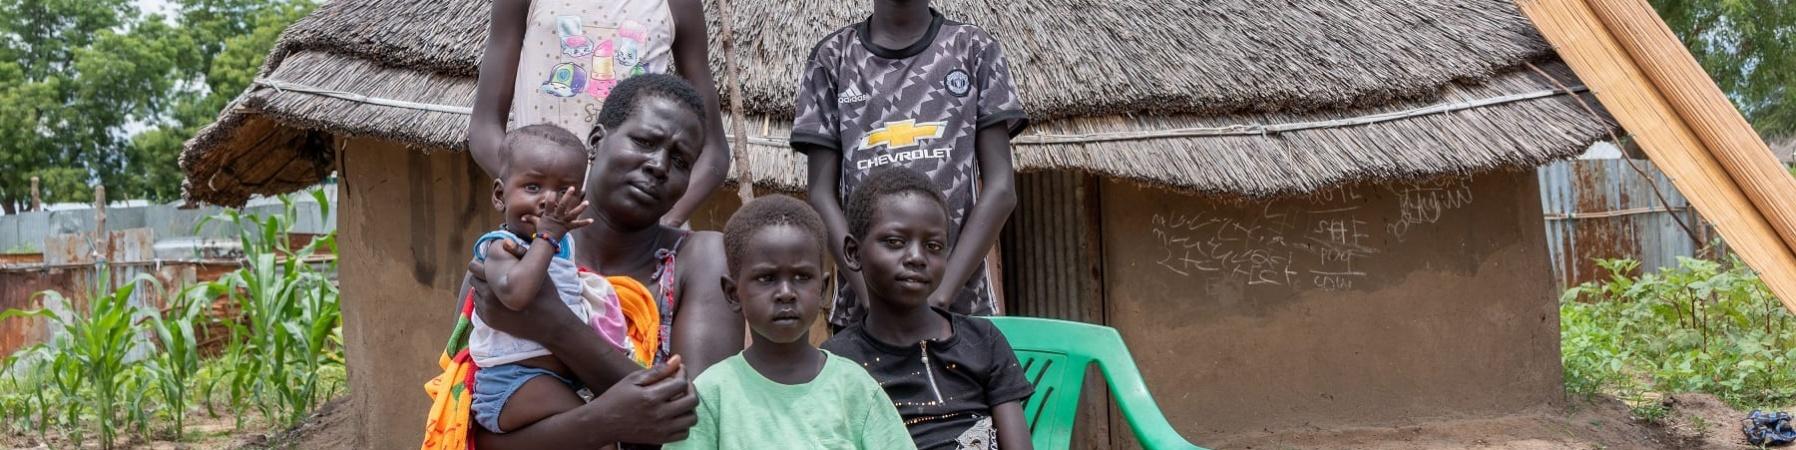 Famiglia sud sudanese in posa davanti alla propria capanna